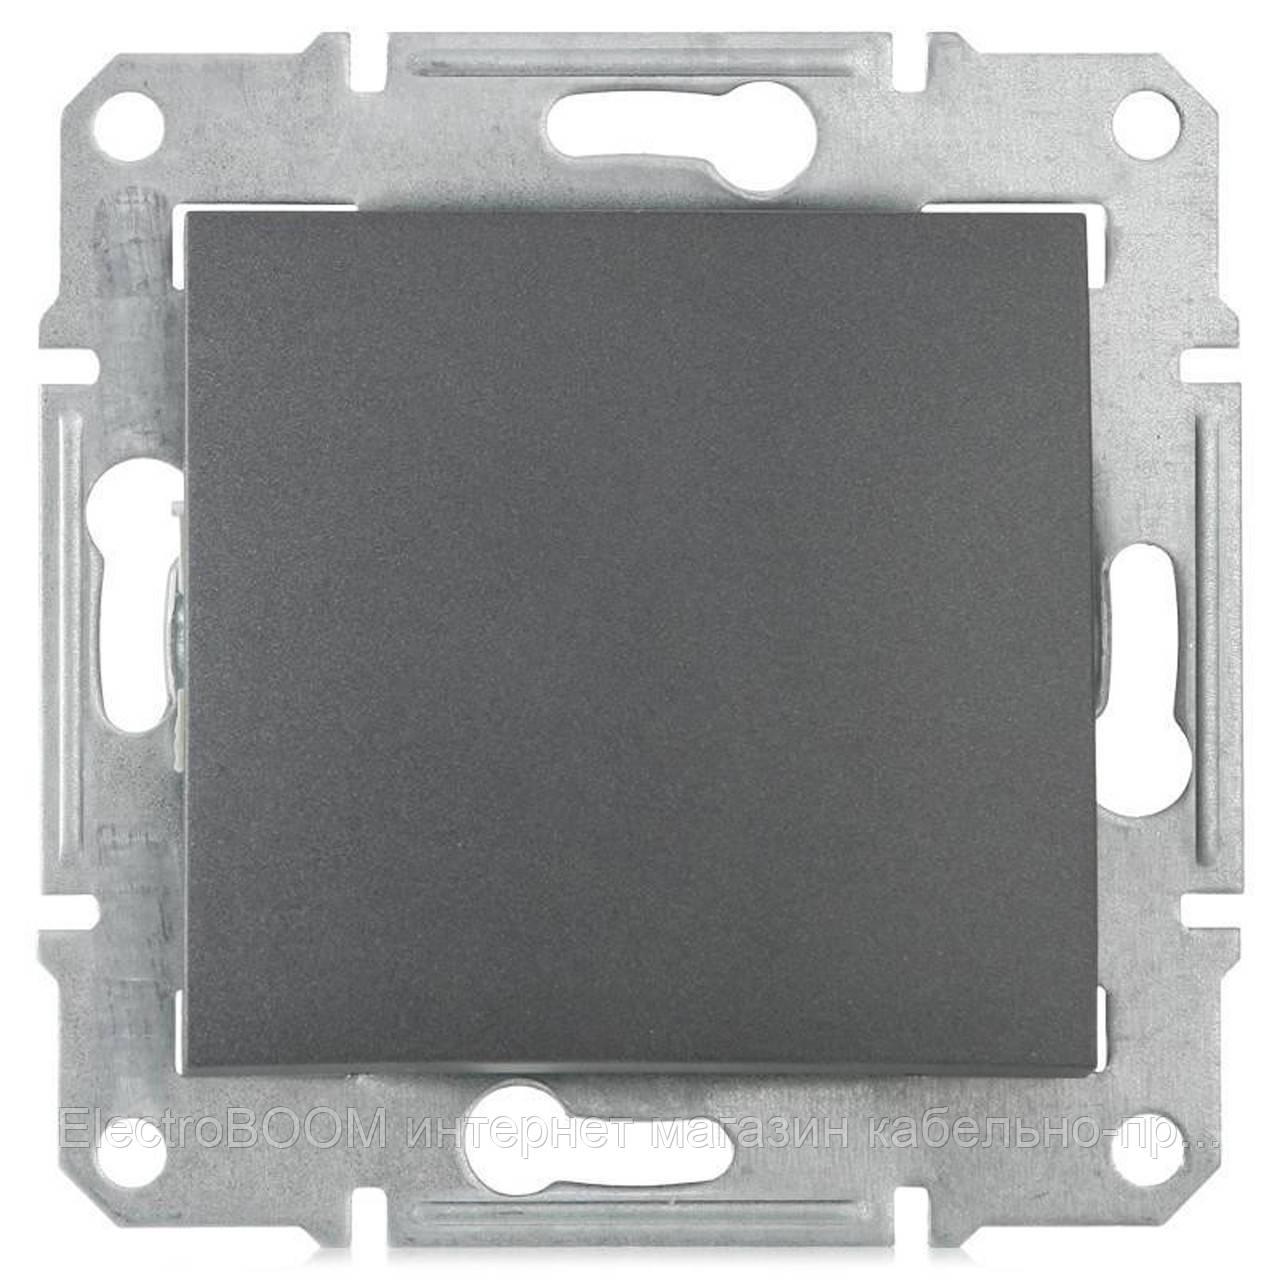 1-клавишный выключатель Schneider Sedna Графит (SDN0100170)